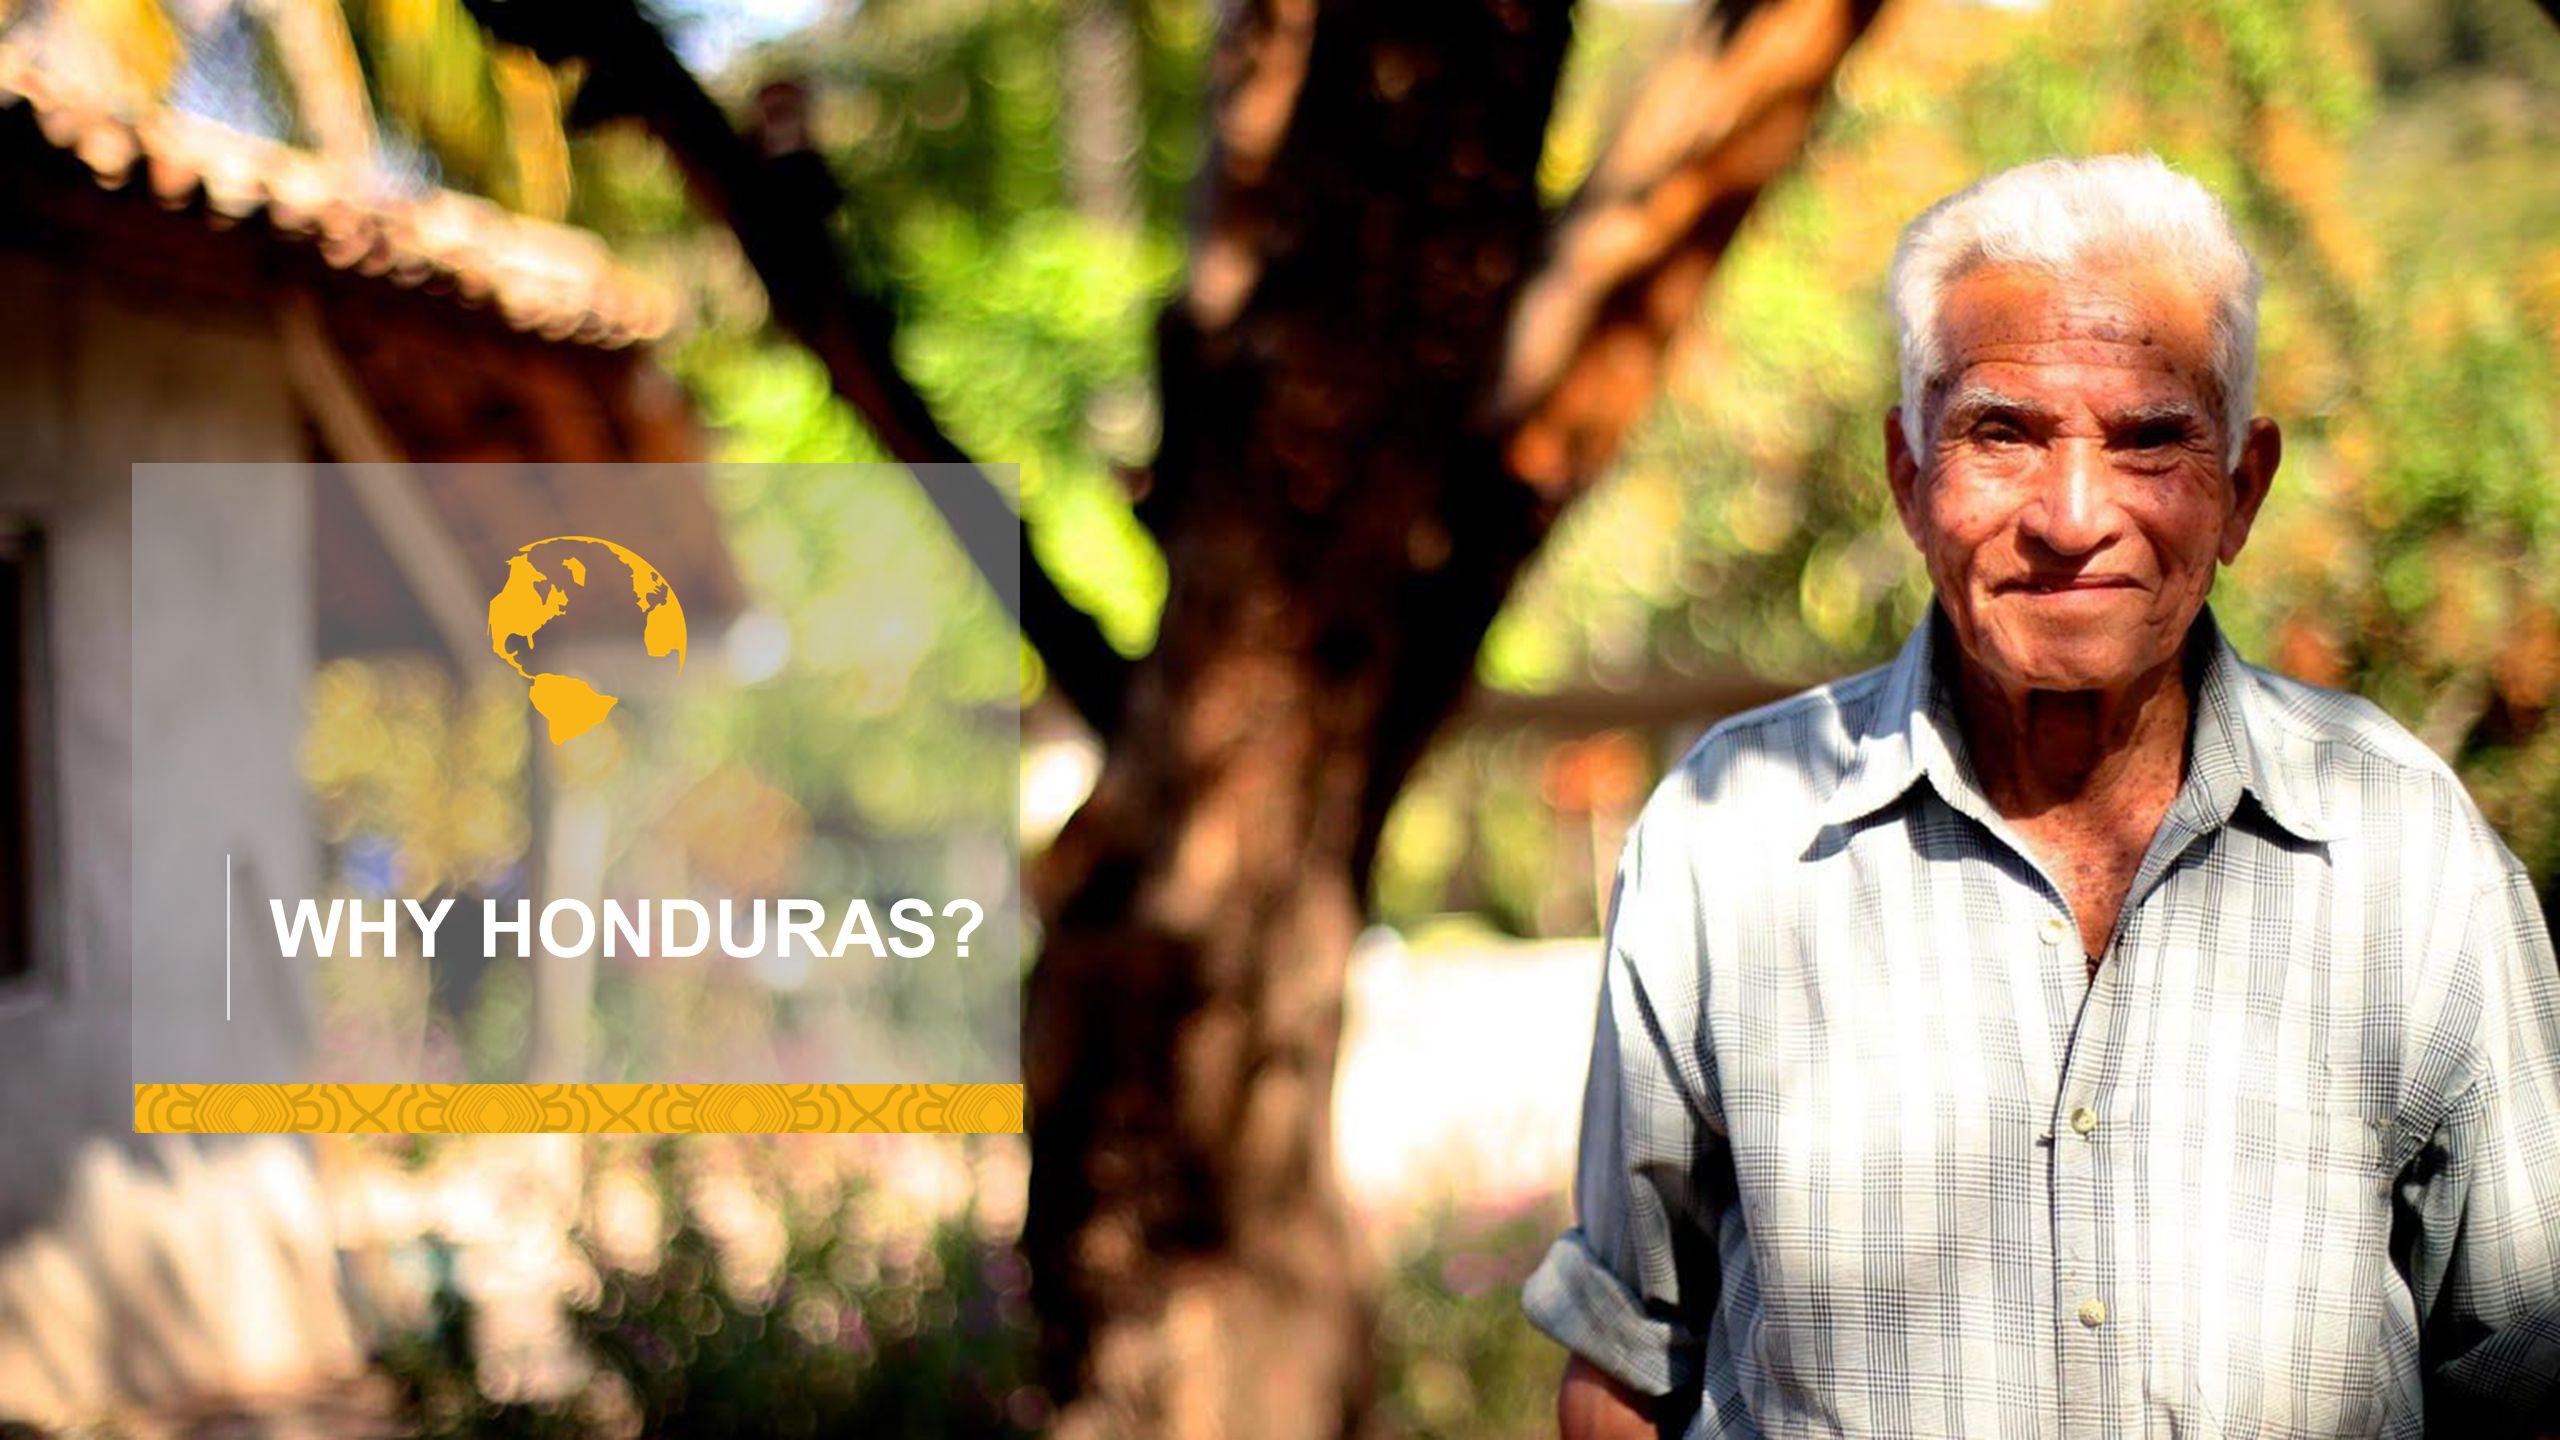 WHY HONDURAS